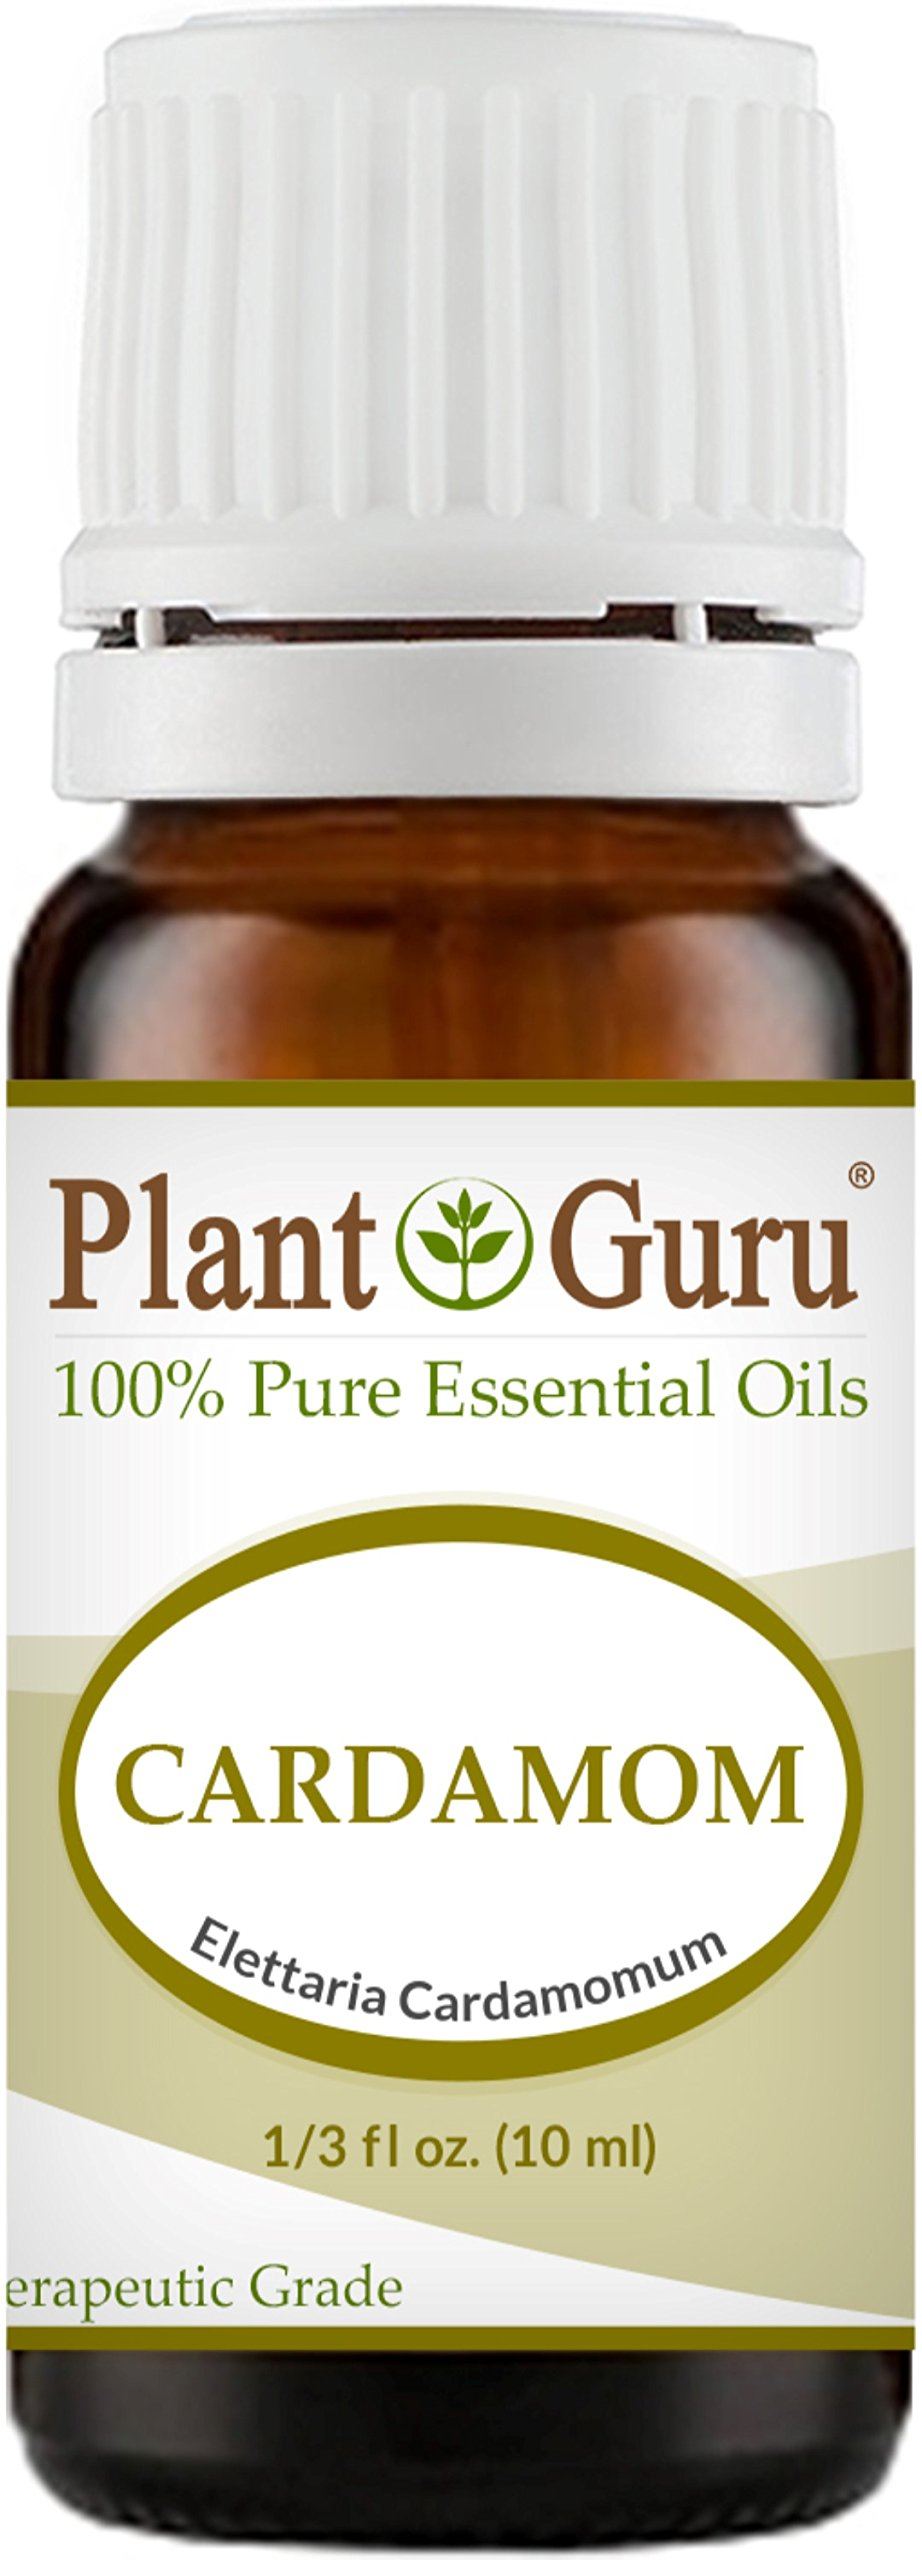 Cardamom Essential Oil 10 ml. 100% Pure Undiluted Therapeutic Grade.